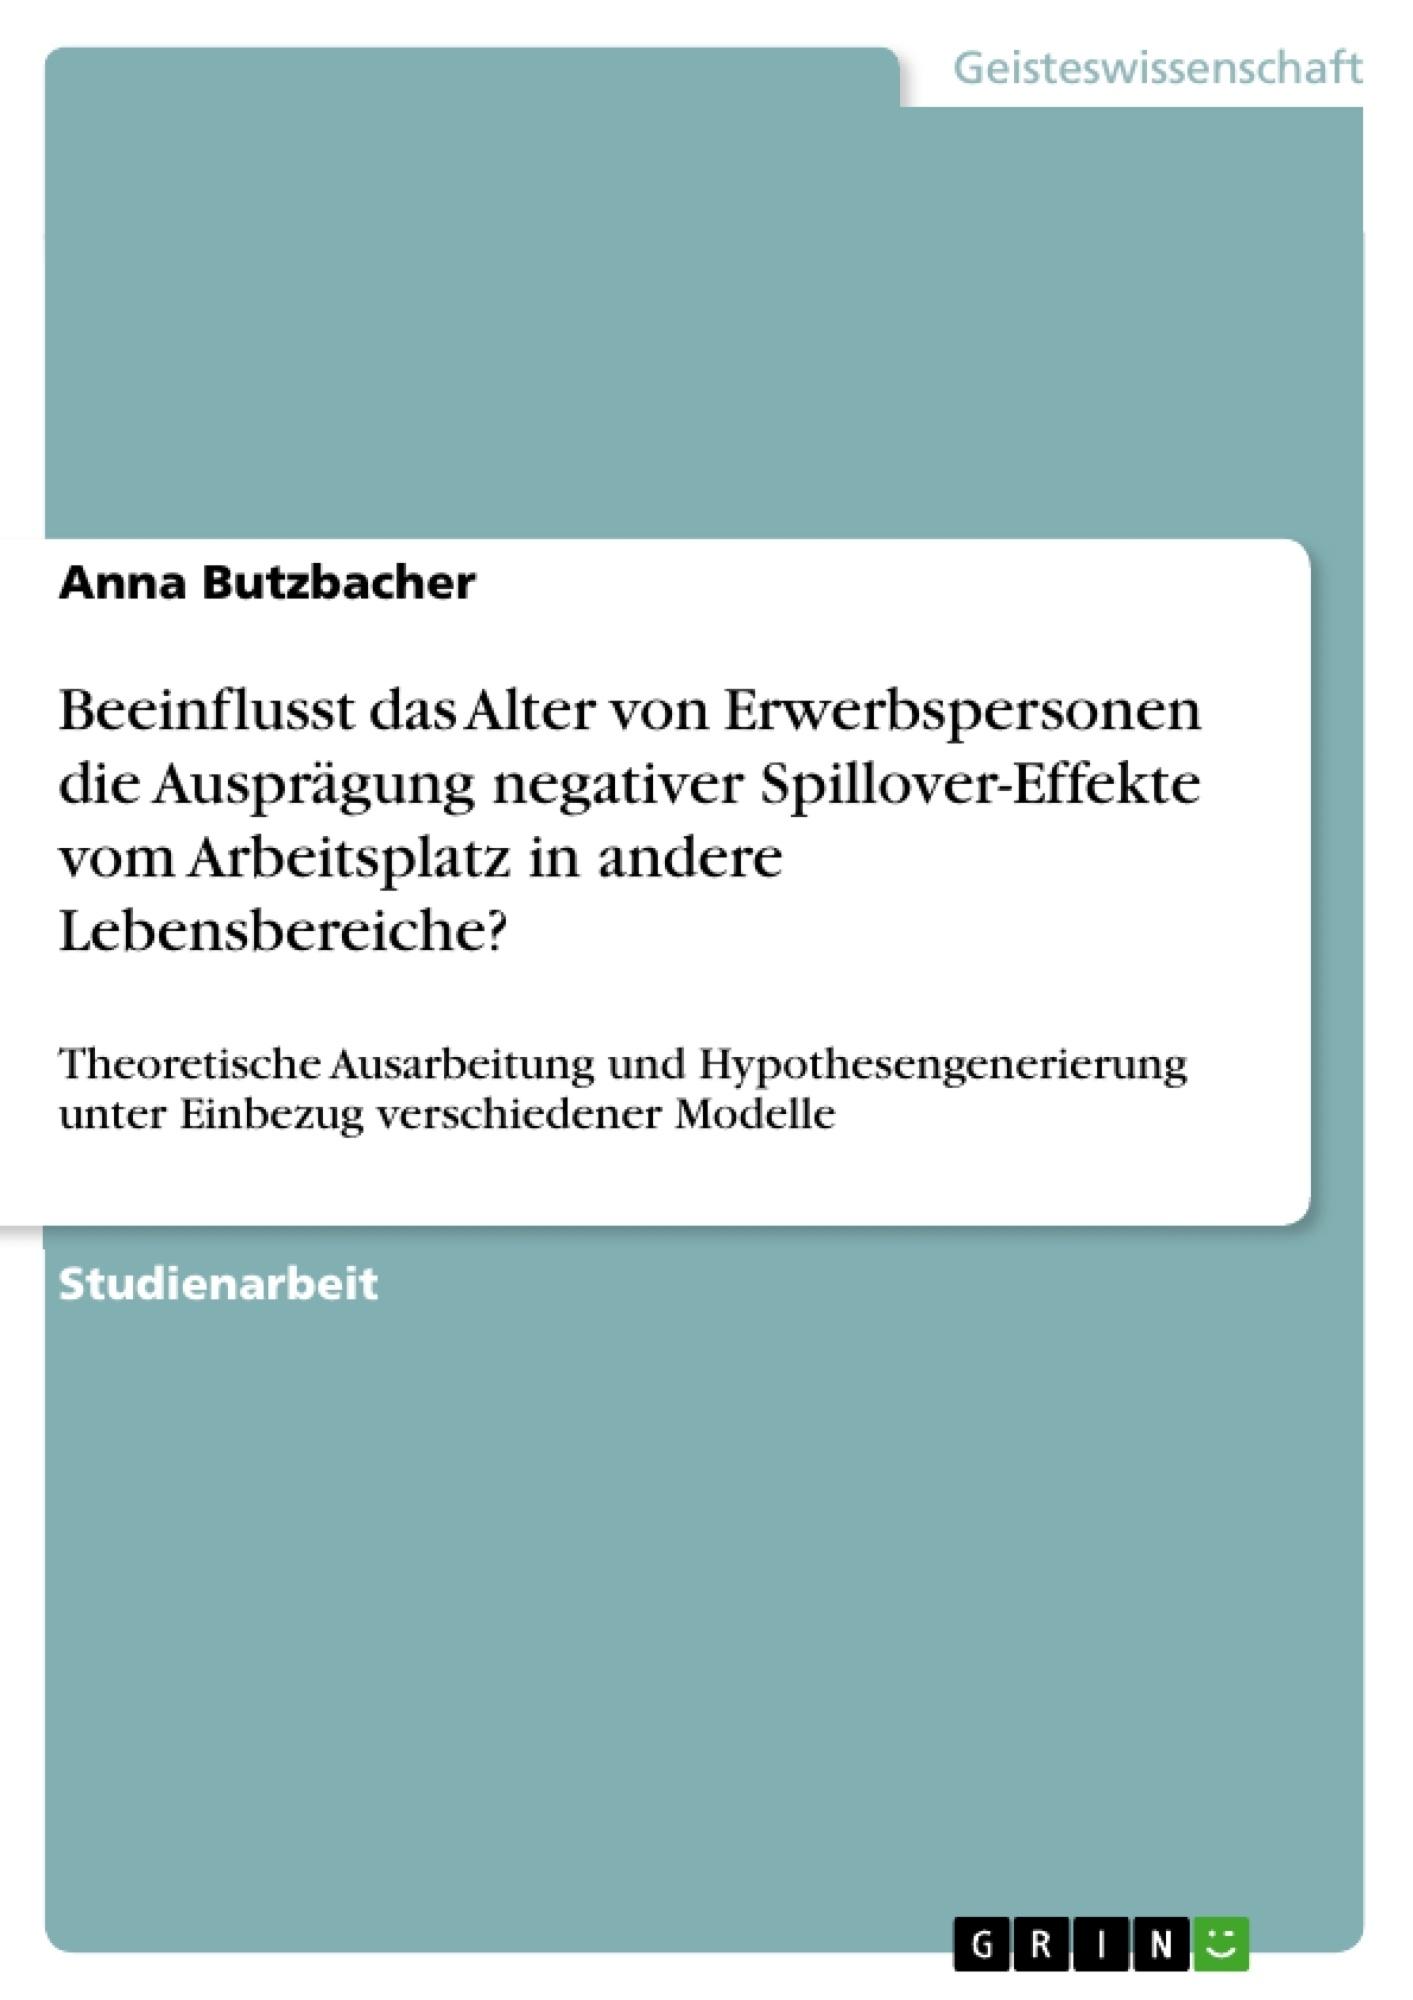 Titel: Beeinflusst das Alter von Erwerbspersonen die Ausprägung negativer Spillover-Effekte vom Arbeitsplatz in andere Lebensbereiche?